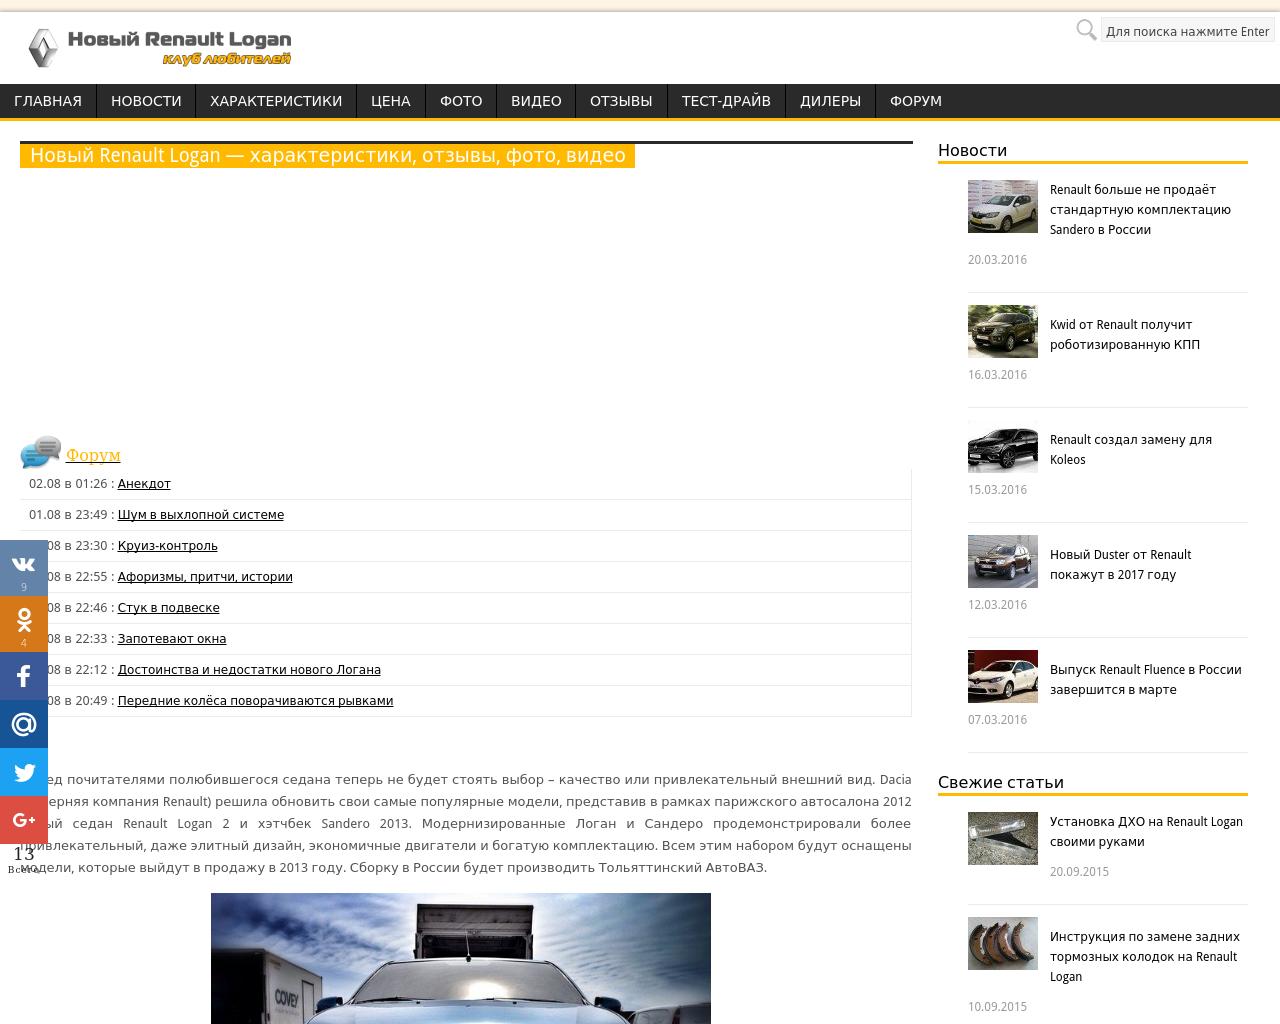 RenaultLogan2.ru-Advertising-Reviews-Pricing